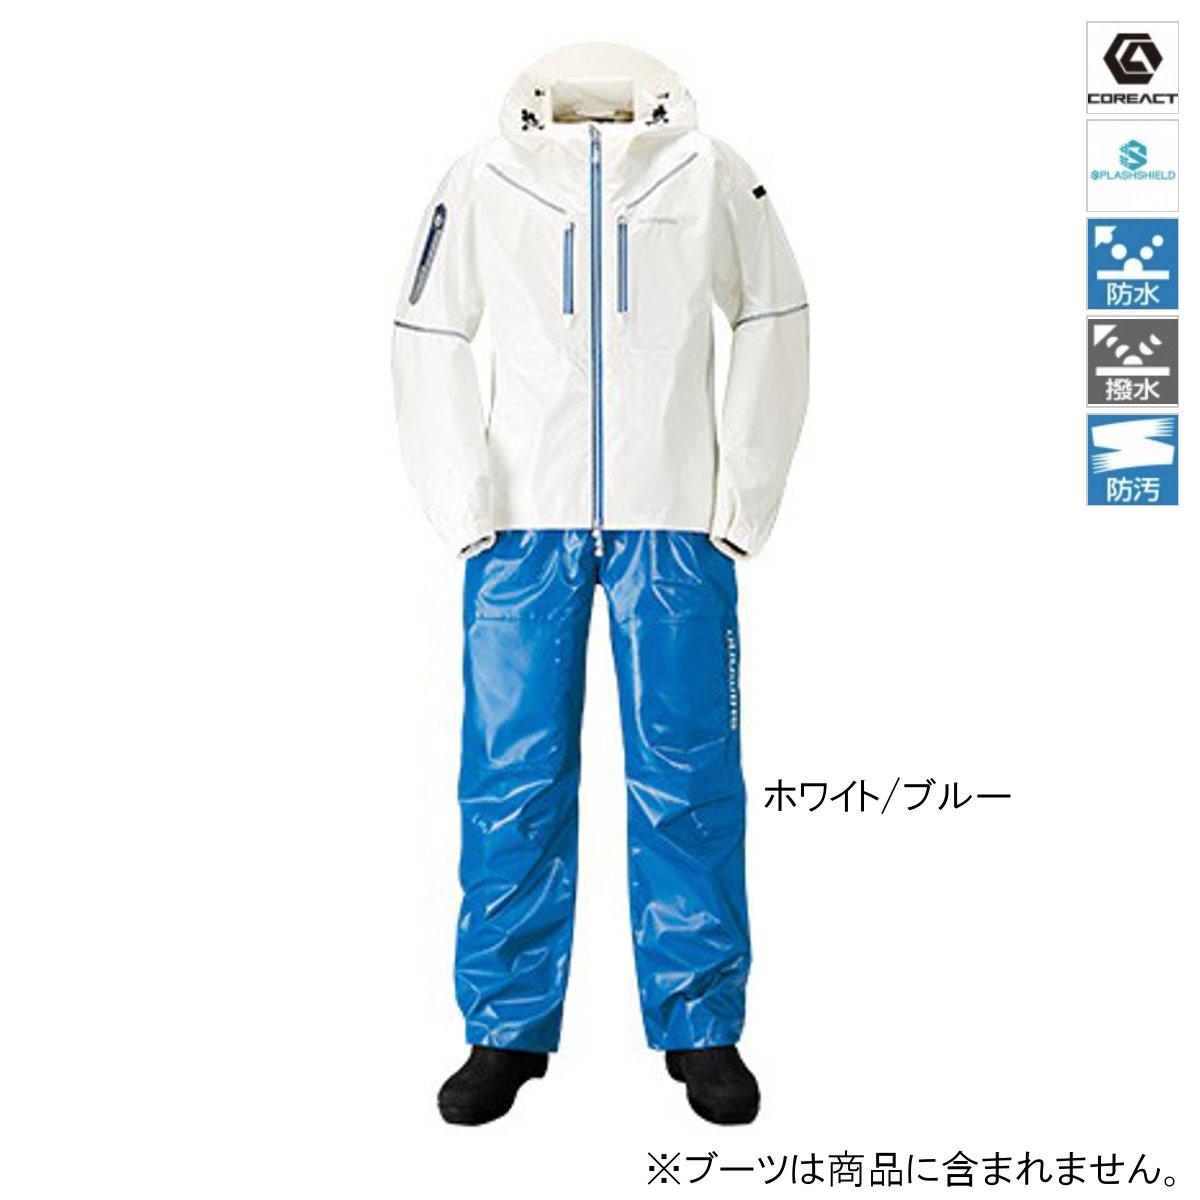 シマノ SS・3Dマリンスーツ RA-033R XL ホワイト/ブルー